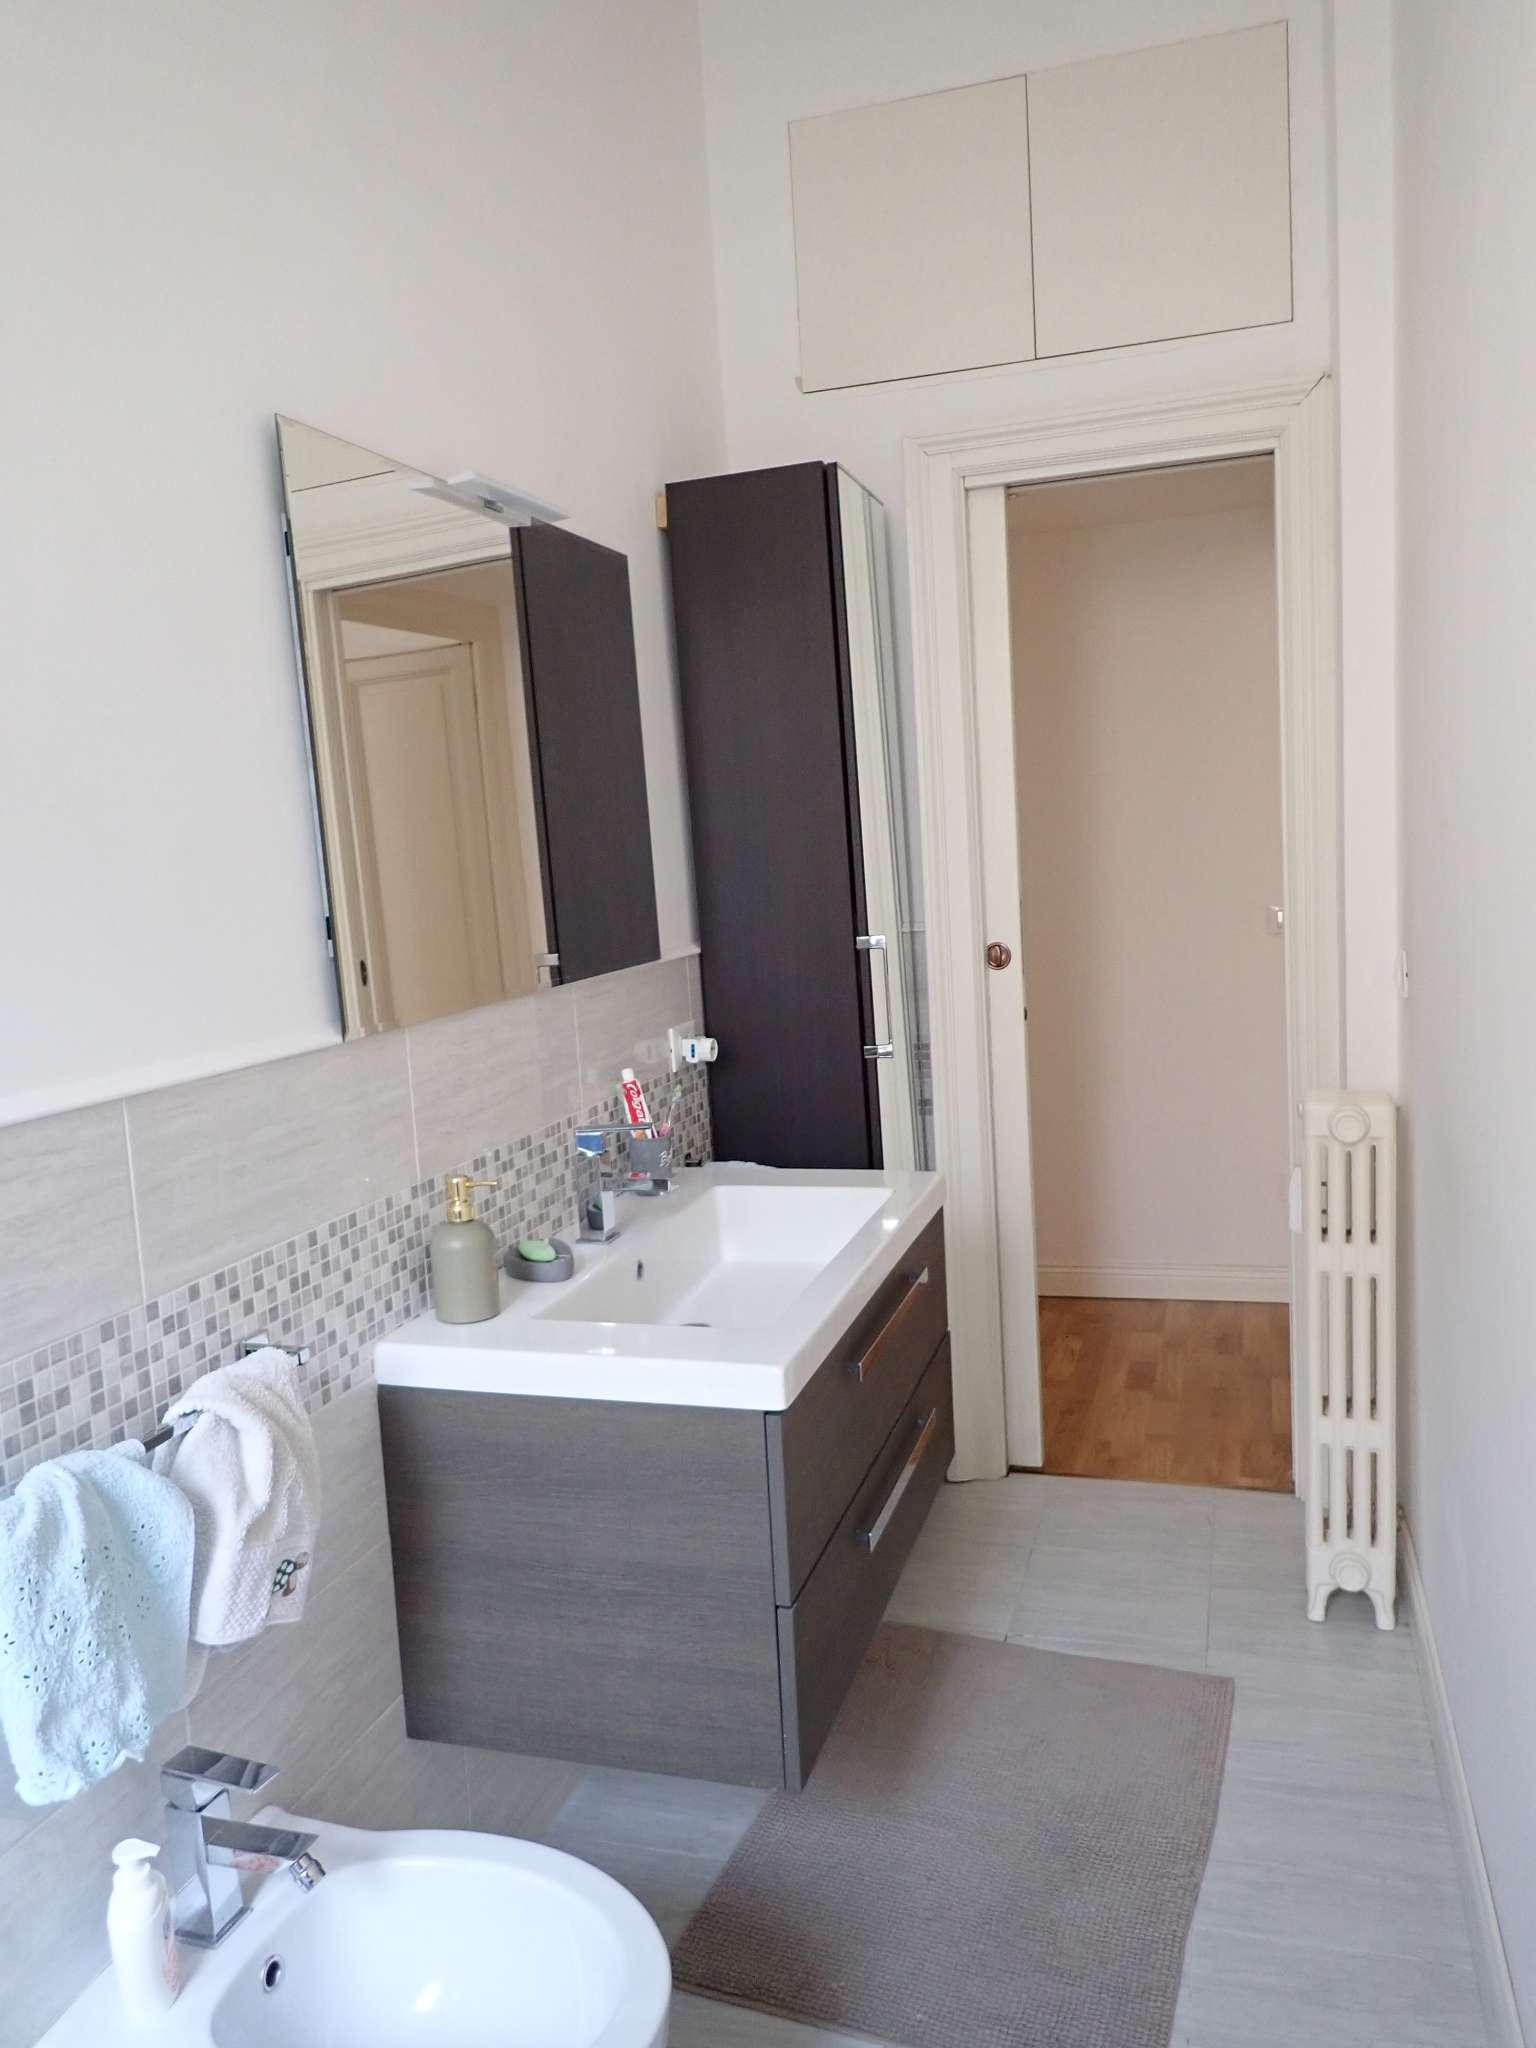 Appartamento in Vendita a Milano: 2 locali, 60 mq - Foto 16